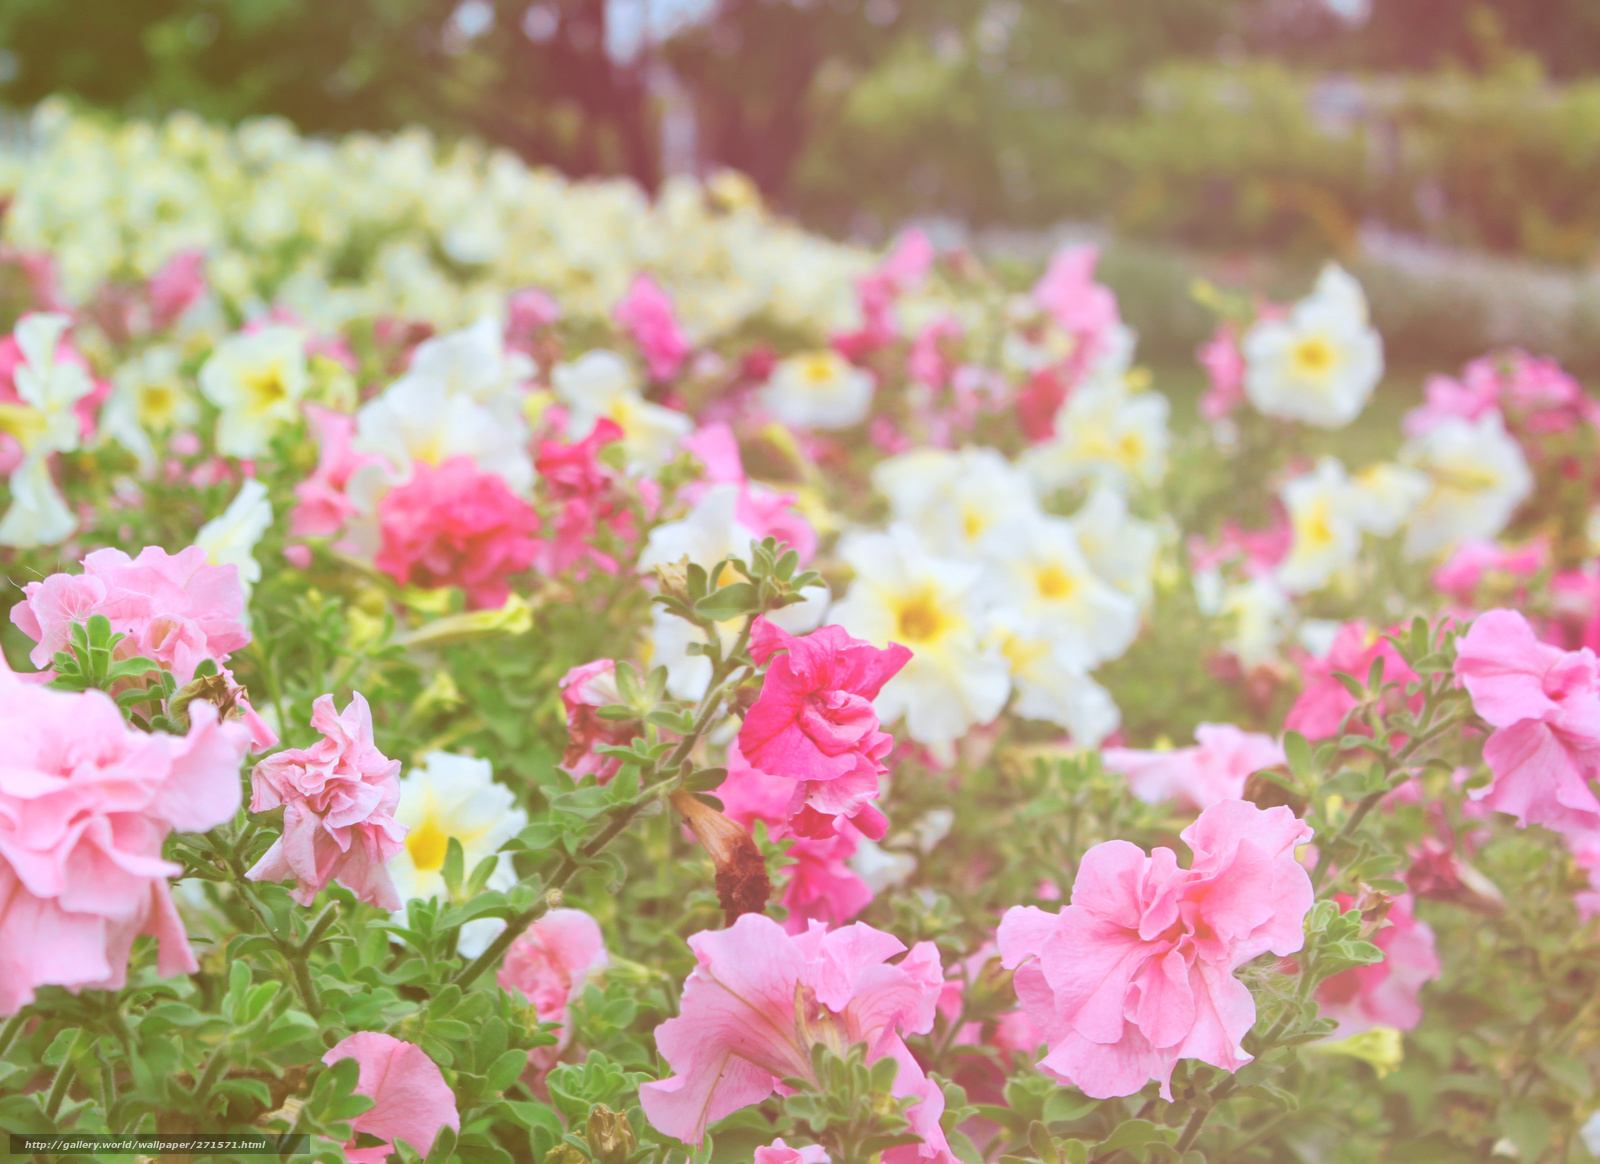 tlcharger fond d 39 ecran fleurs tendresse parterre de fleurs fonds d 39 ecran gratuits pour votre. Black Bedroom Furniture Sets. Home Design Ideas